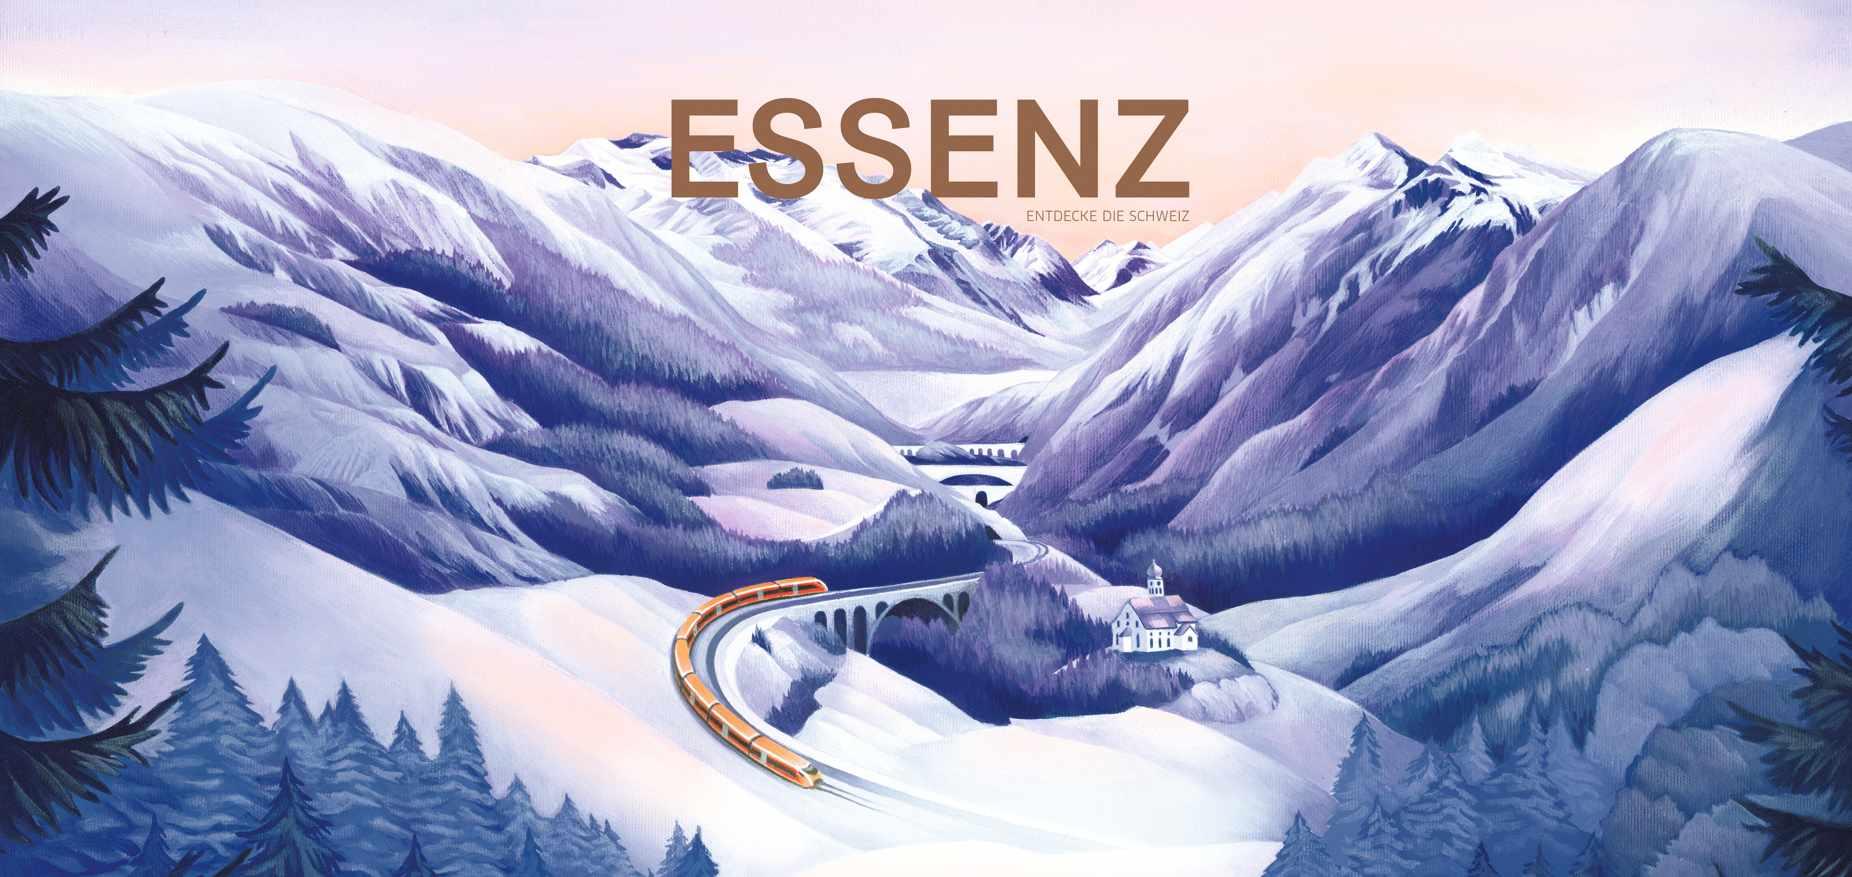 Treno Gottardo Essenz Coverbild